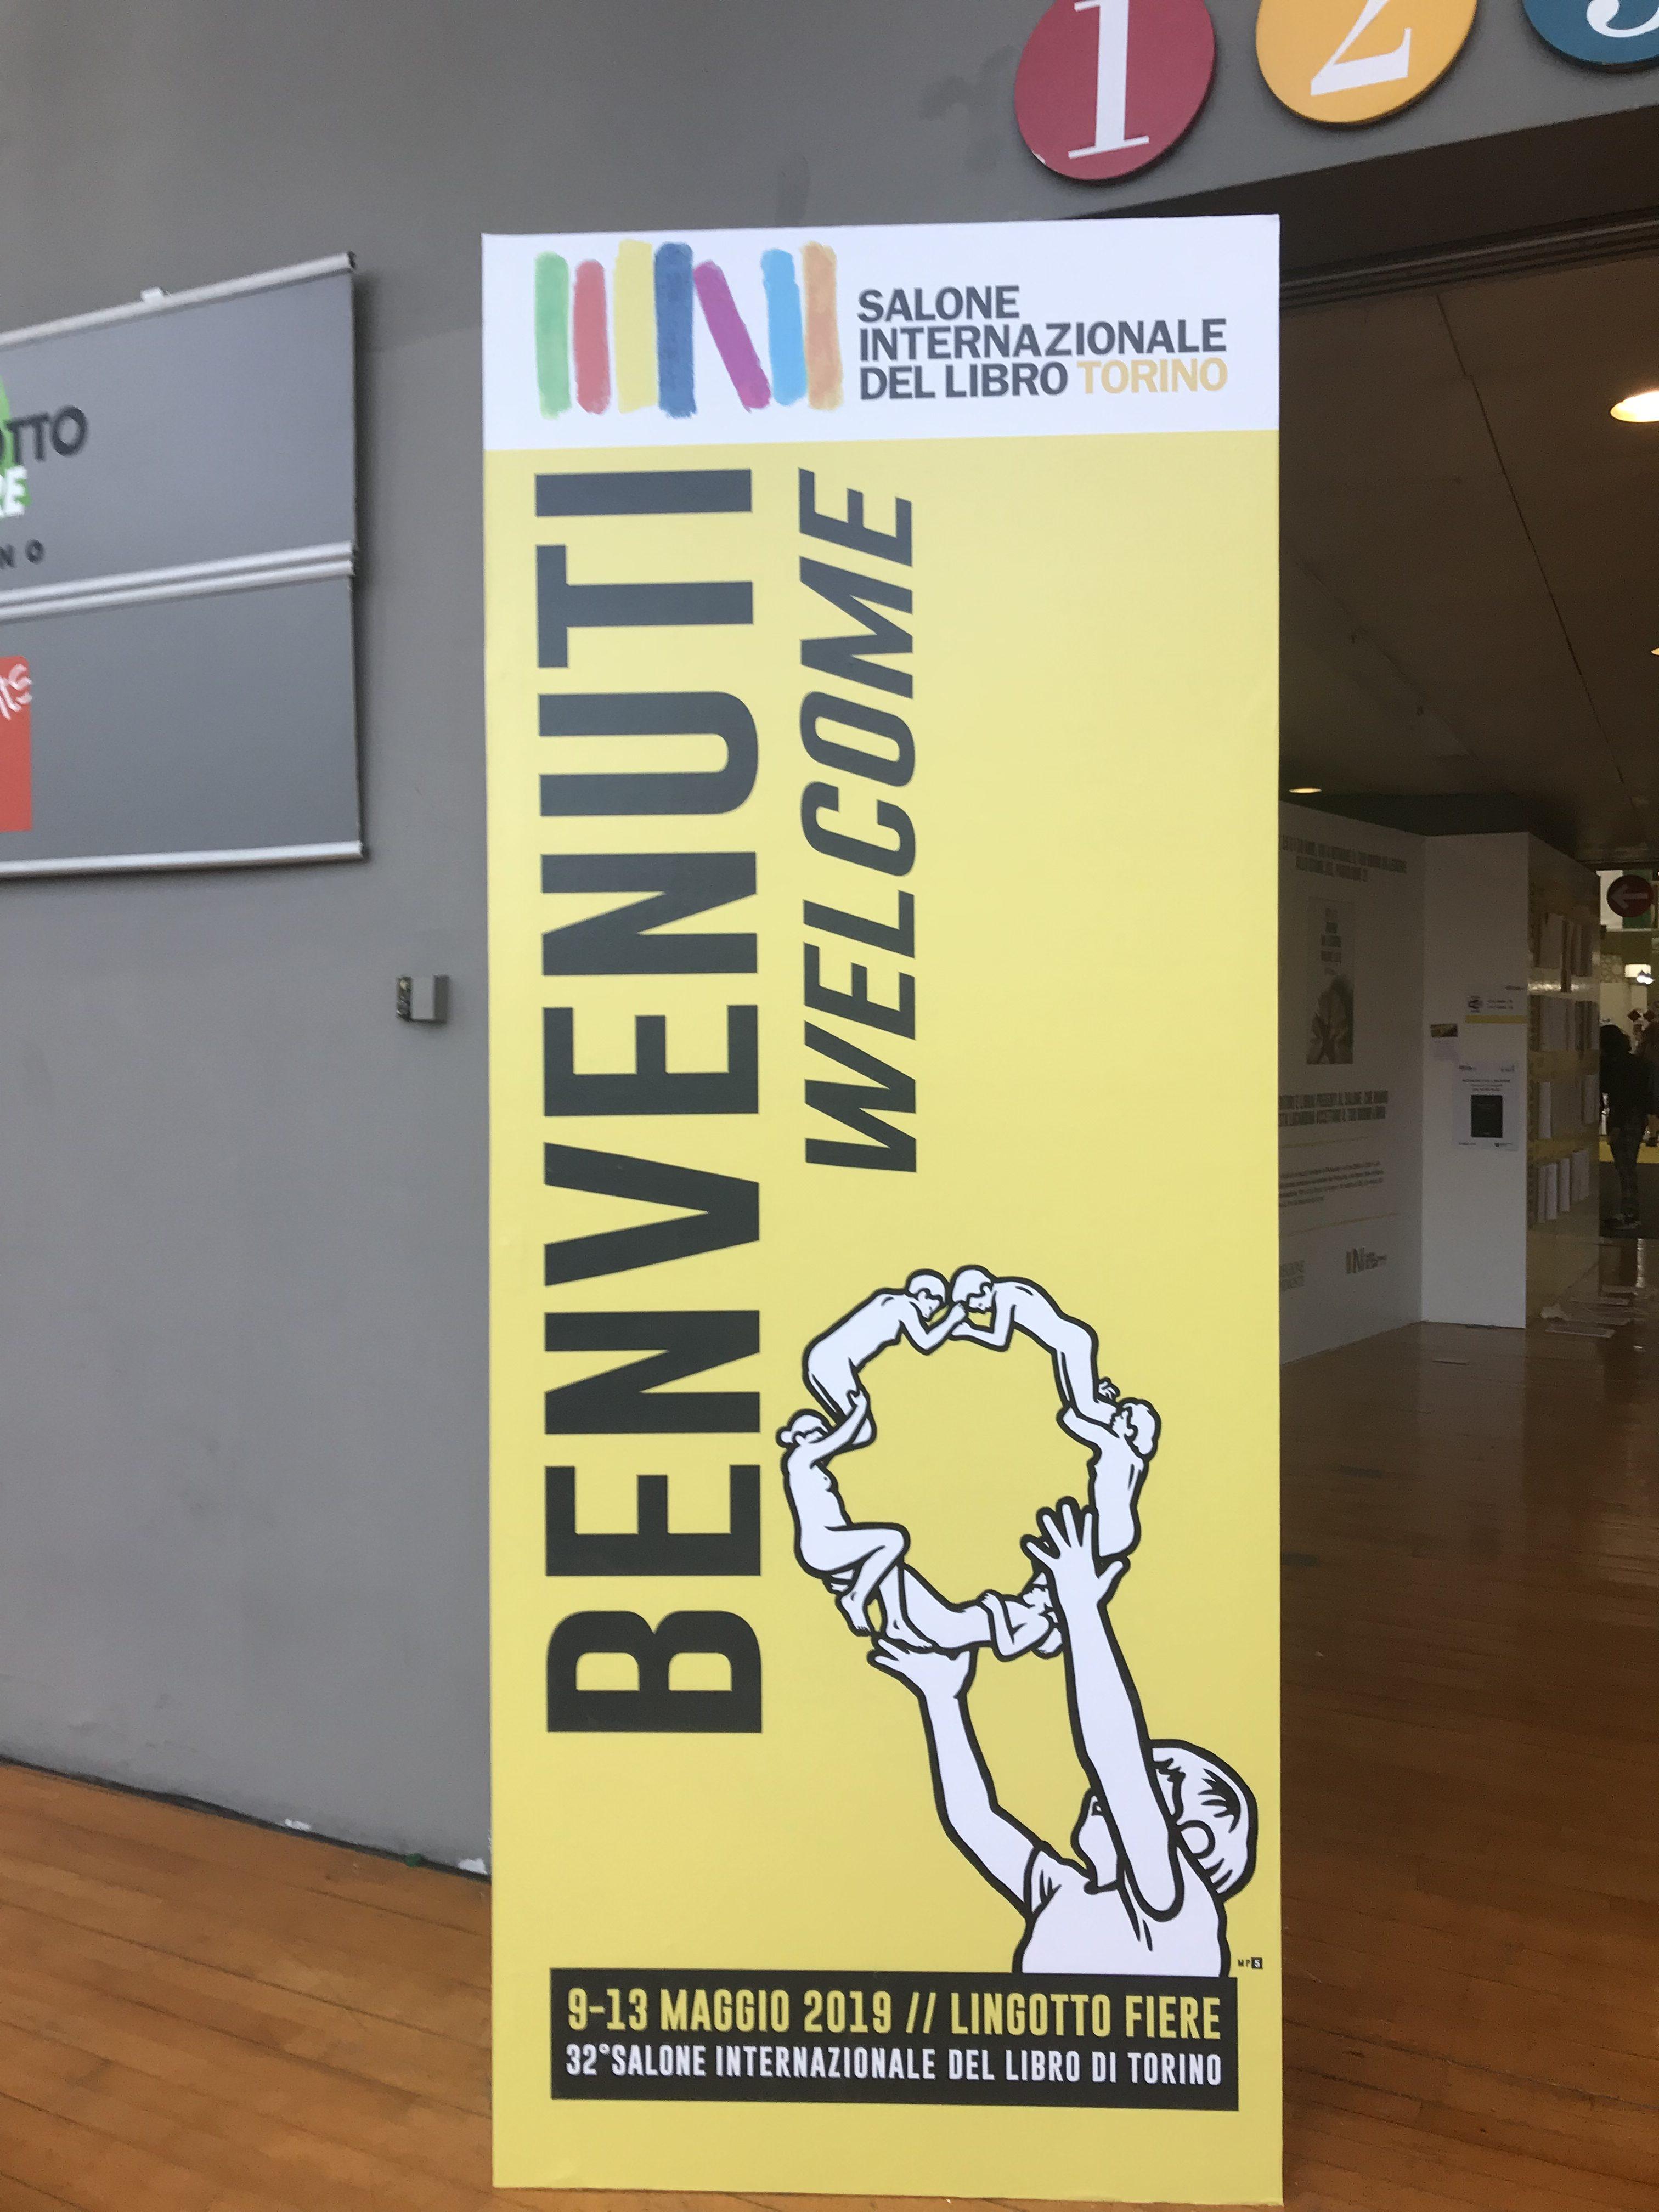 Salone Internazionale del Libro di Torino: ingresso